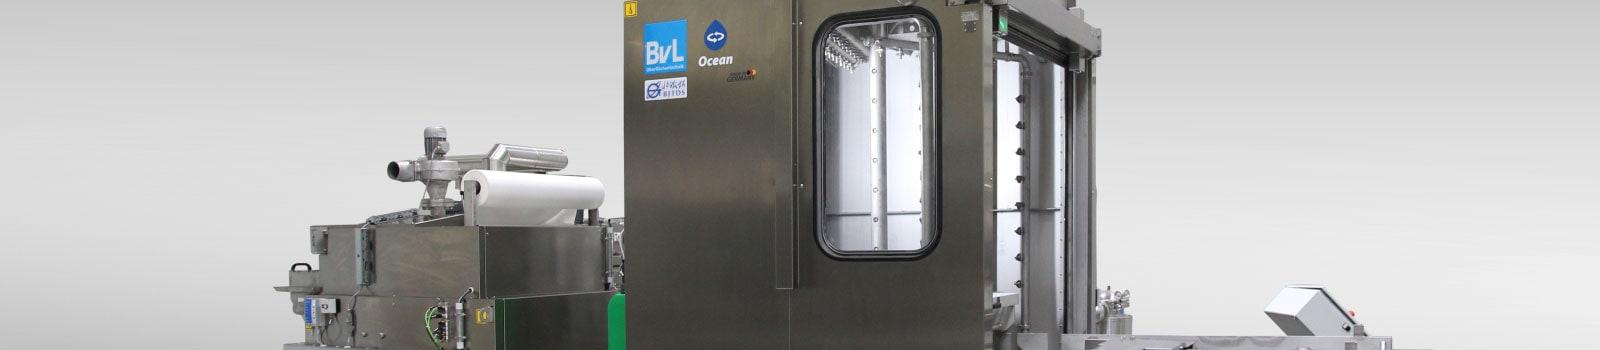 Reinigungsanlage OceanRW von BvL für Bahn-Statorenreinigung